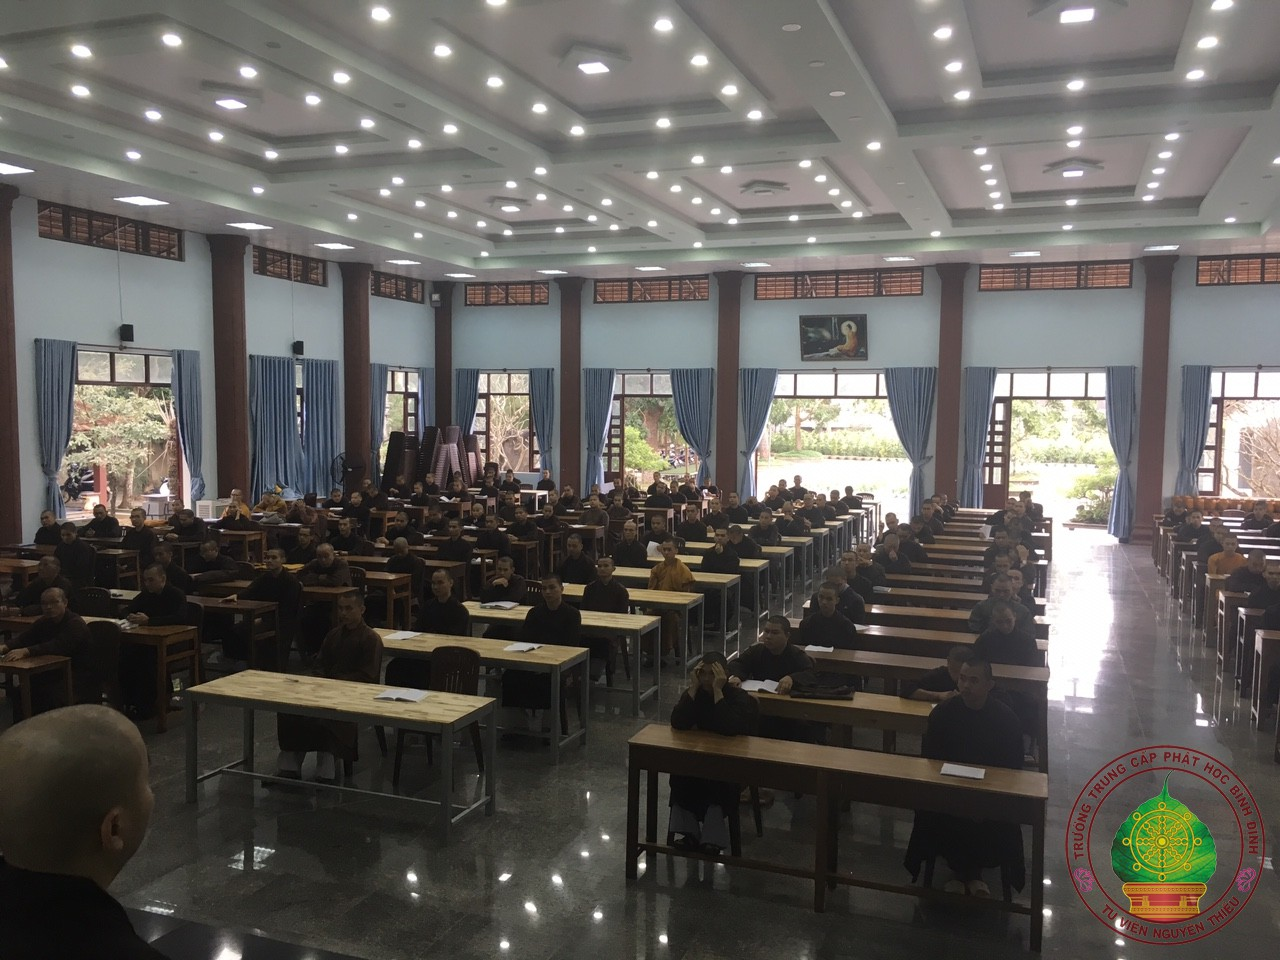 Trường TCPH Bình Định nghiêm túc tổ chức thi học kỳ 1, năm thứ hai khoá VIII 2017-2020